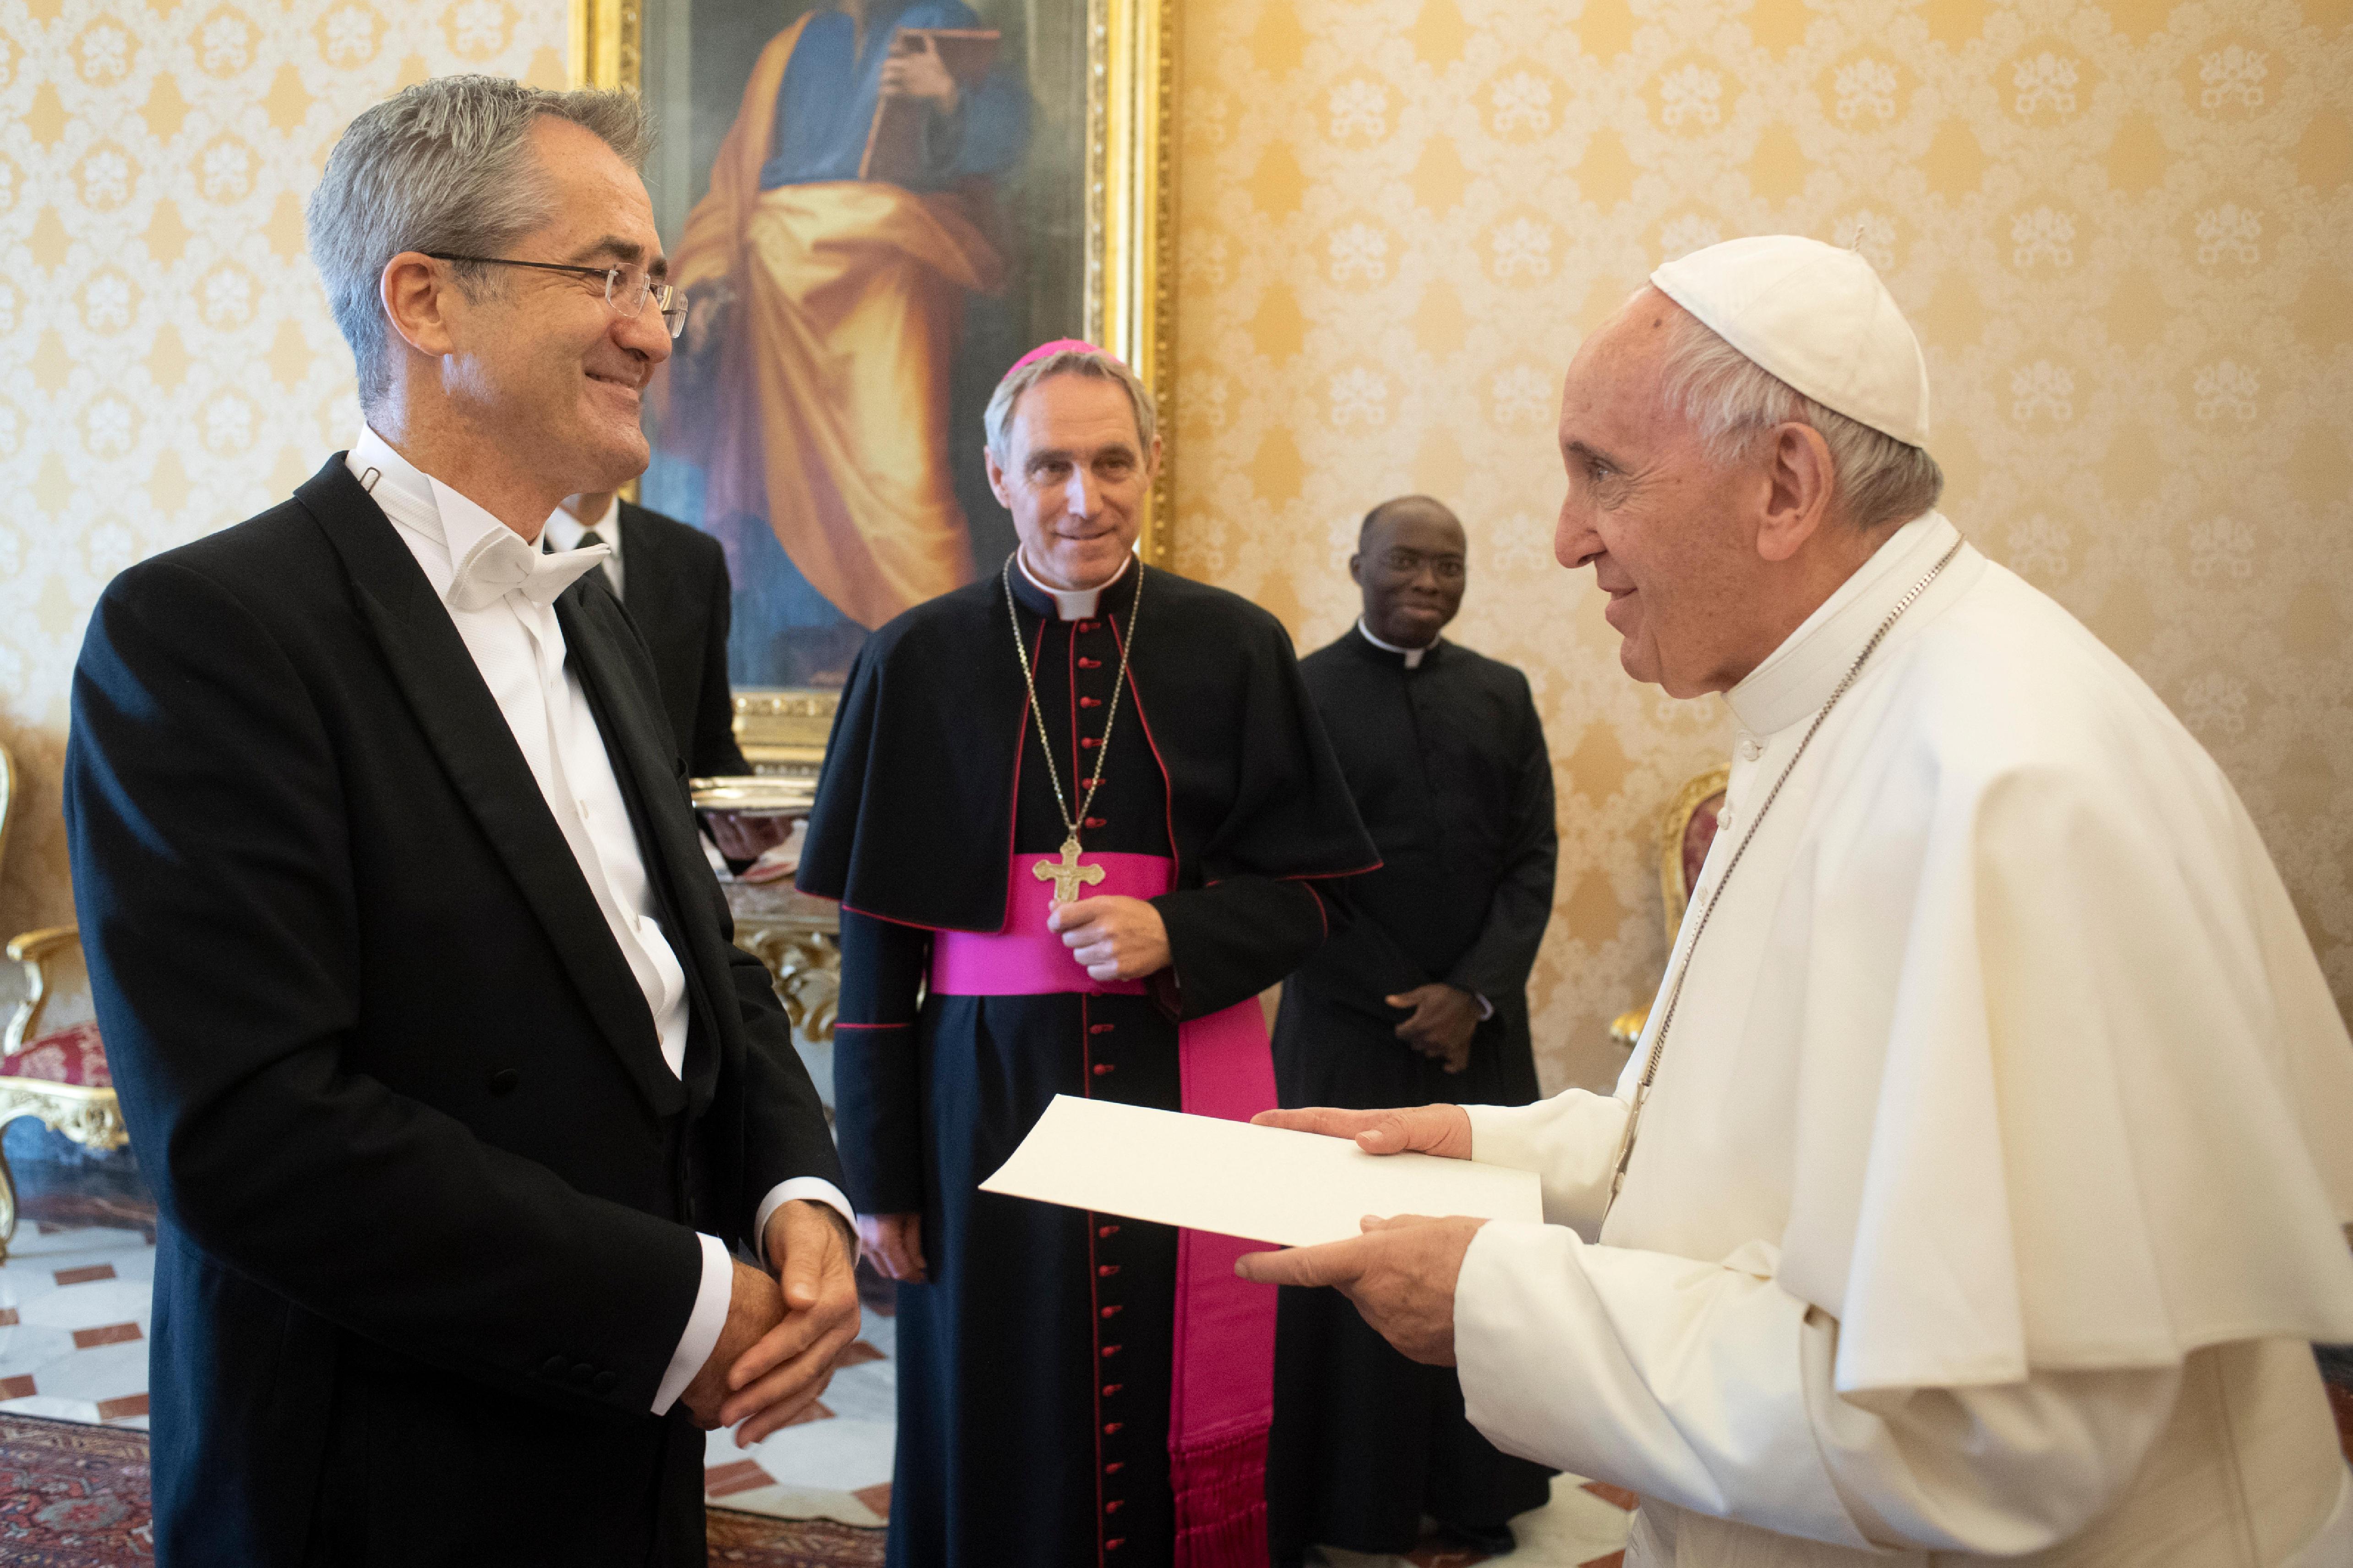 El Santo Padre ha recibido al nuevo embajador de Irlanda © Vatican Media